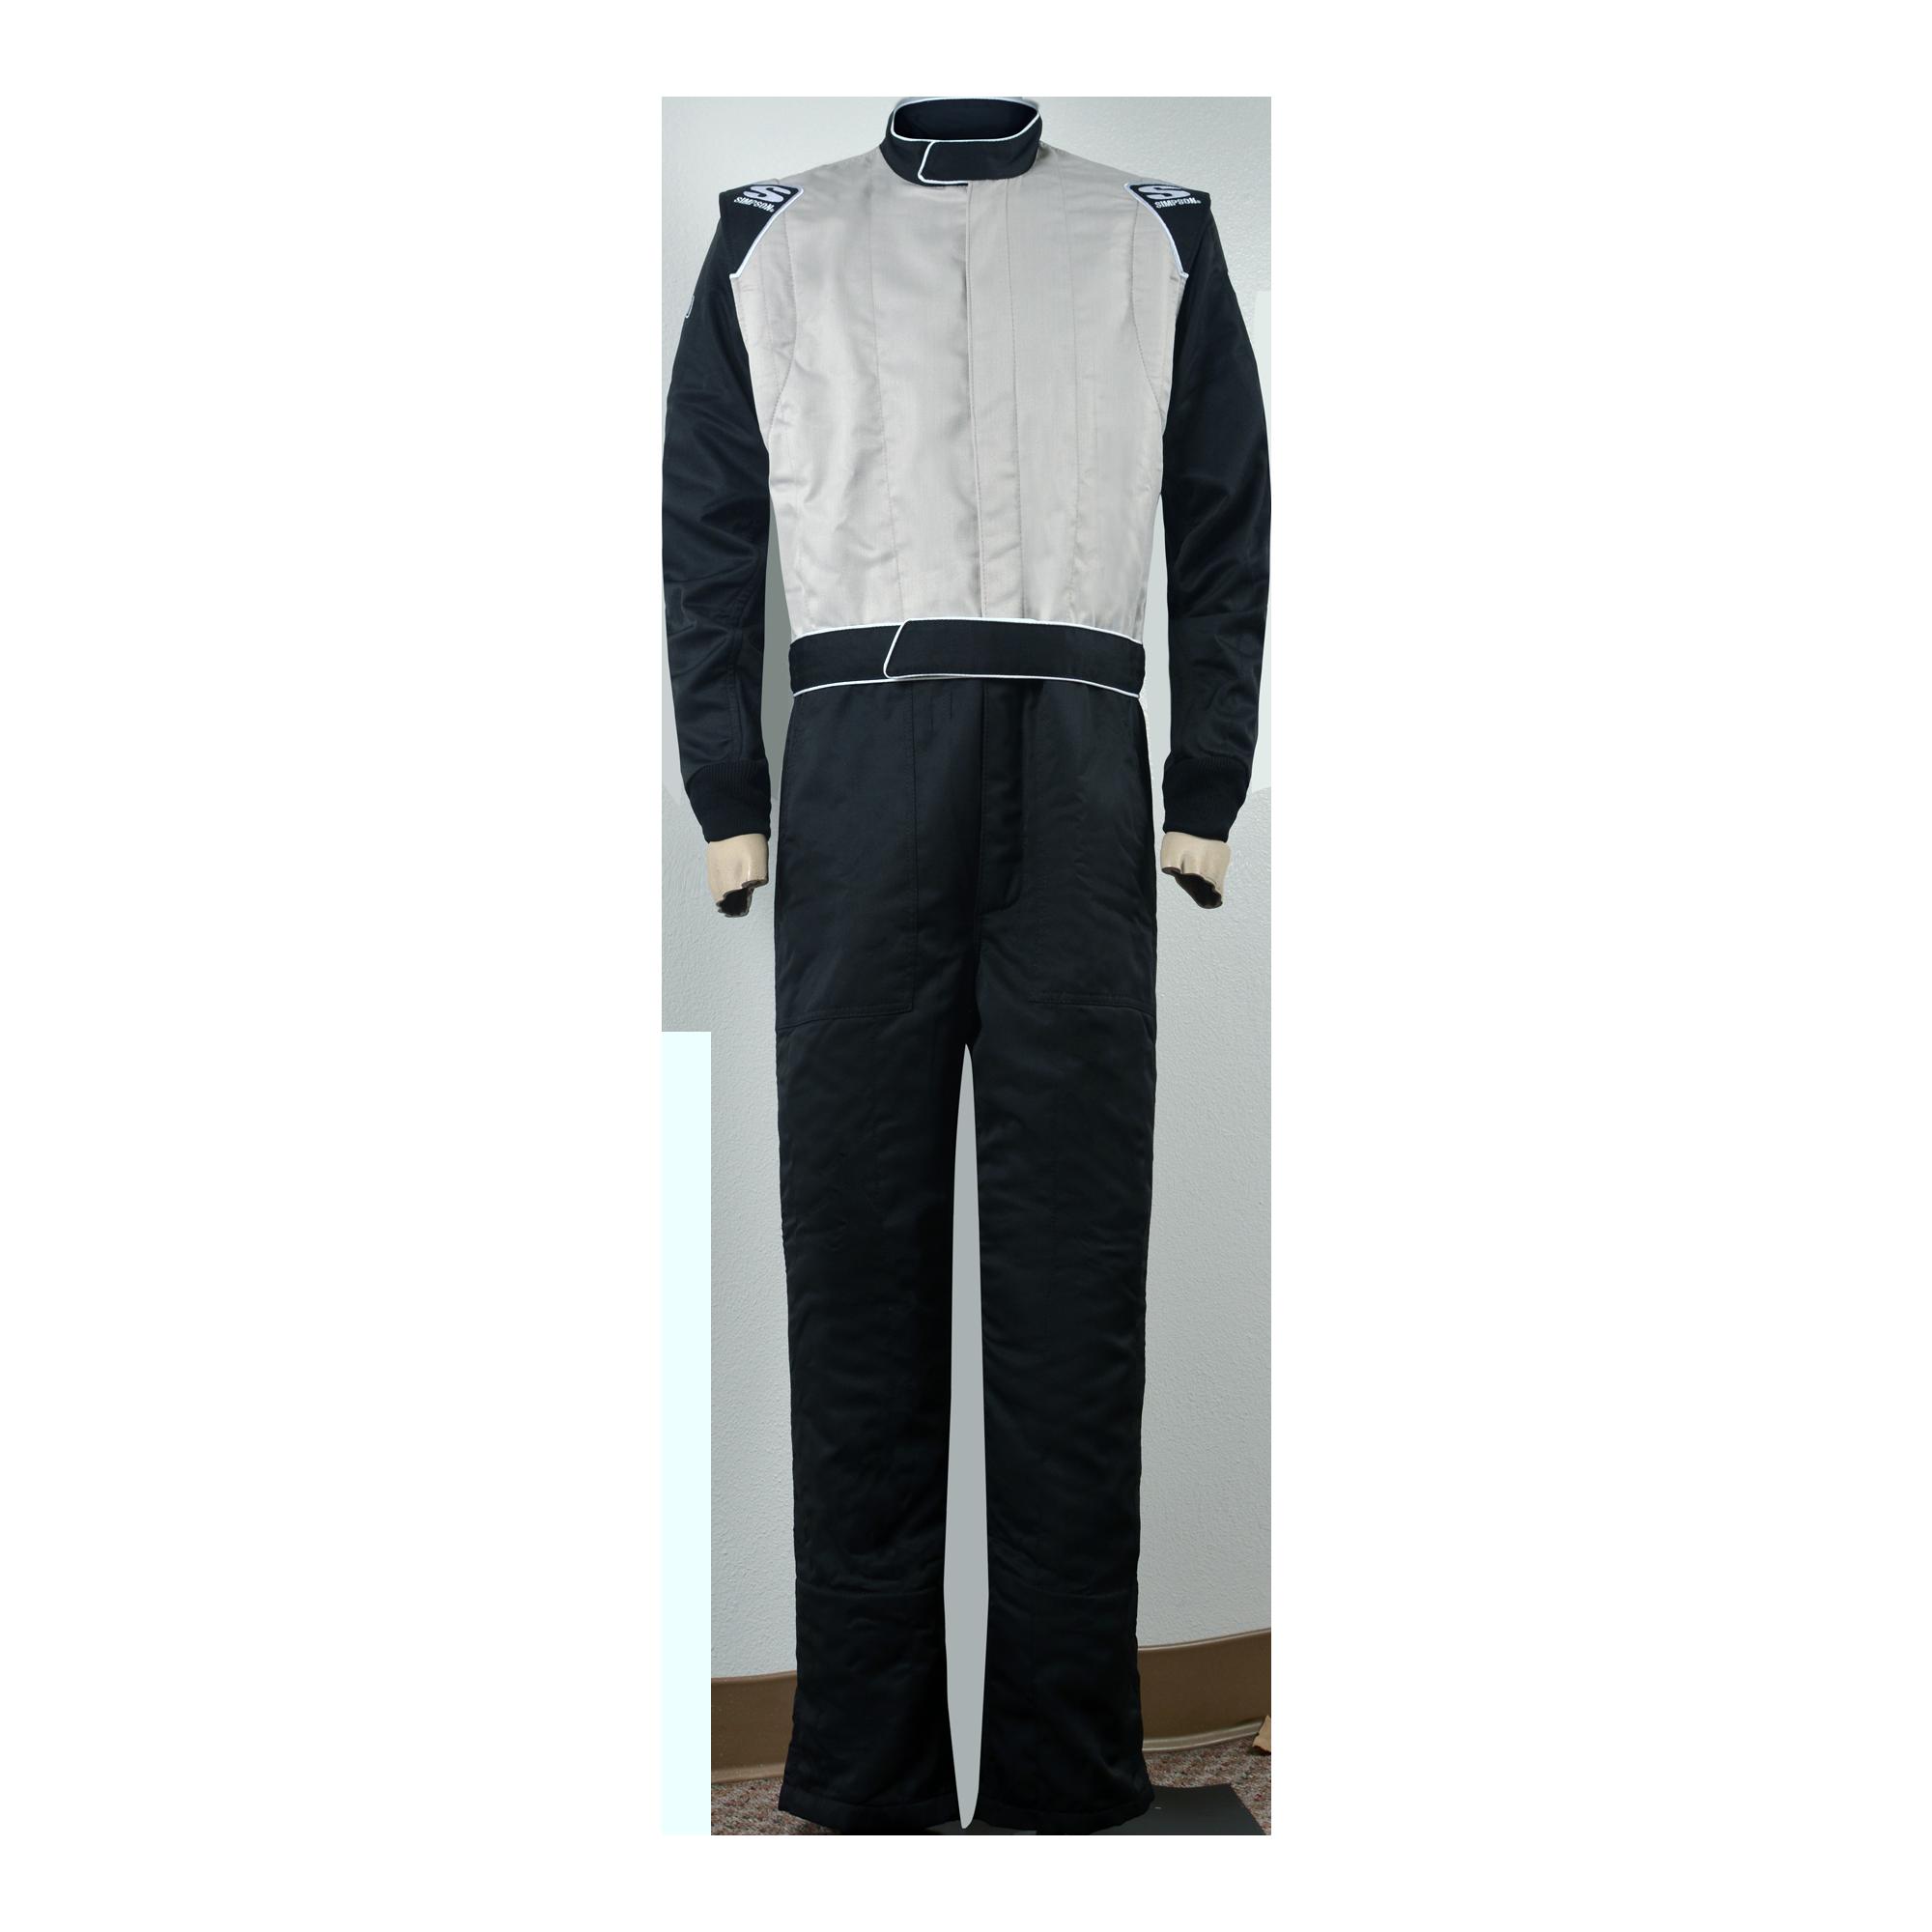 Joes Racing Products >> Simpson Sportsman Elite III Racing Suit - JOES Racing Products